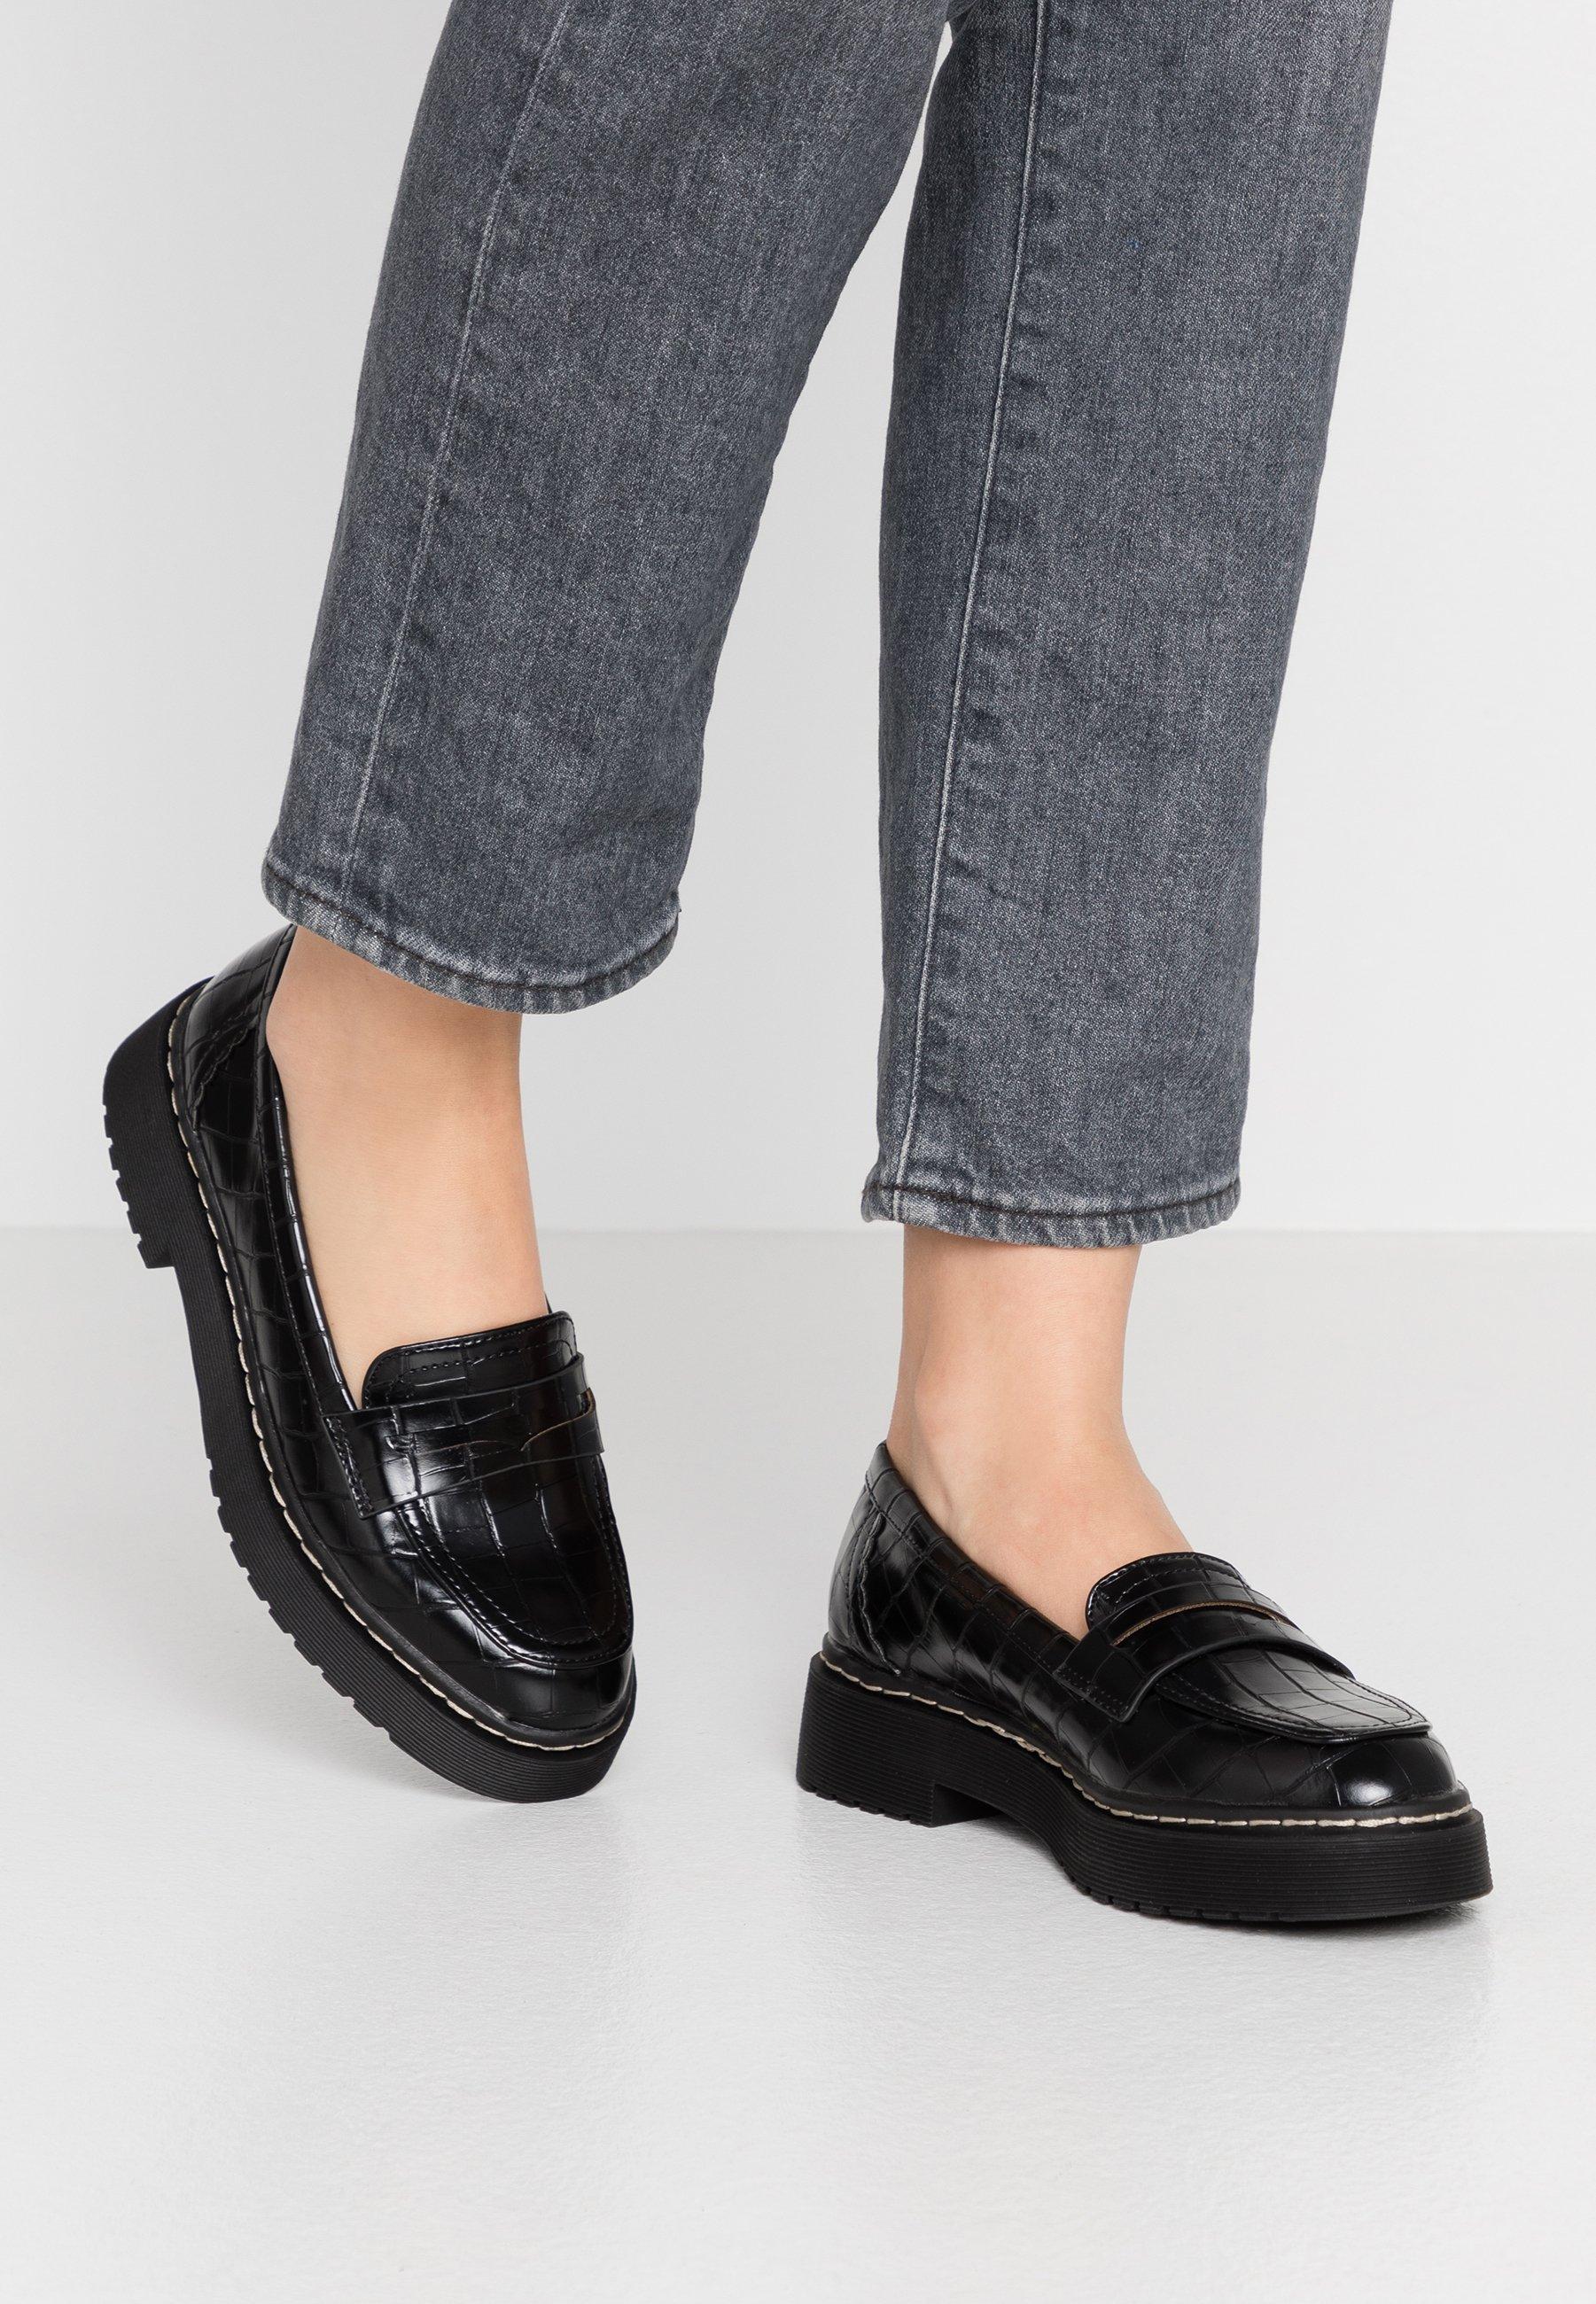 Monki LUCY LOAFER Scarpe senza lacci black Zalando.it